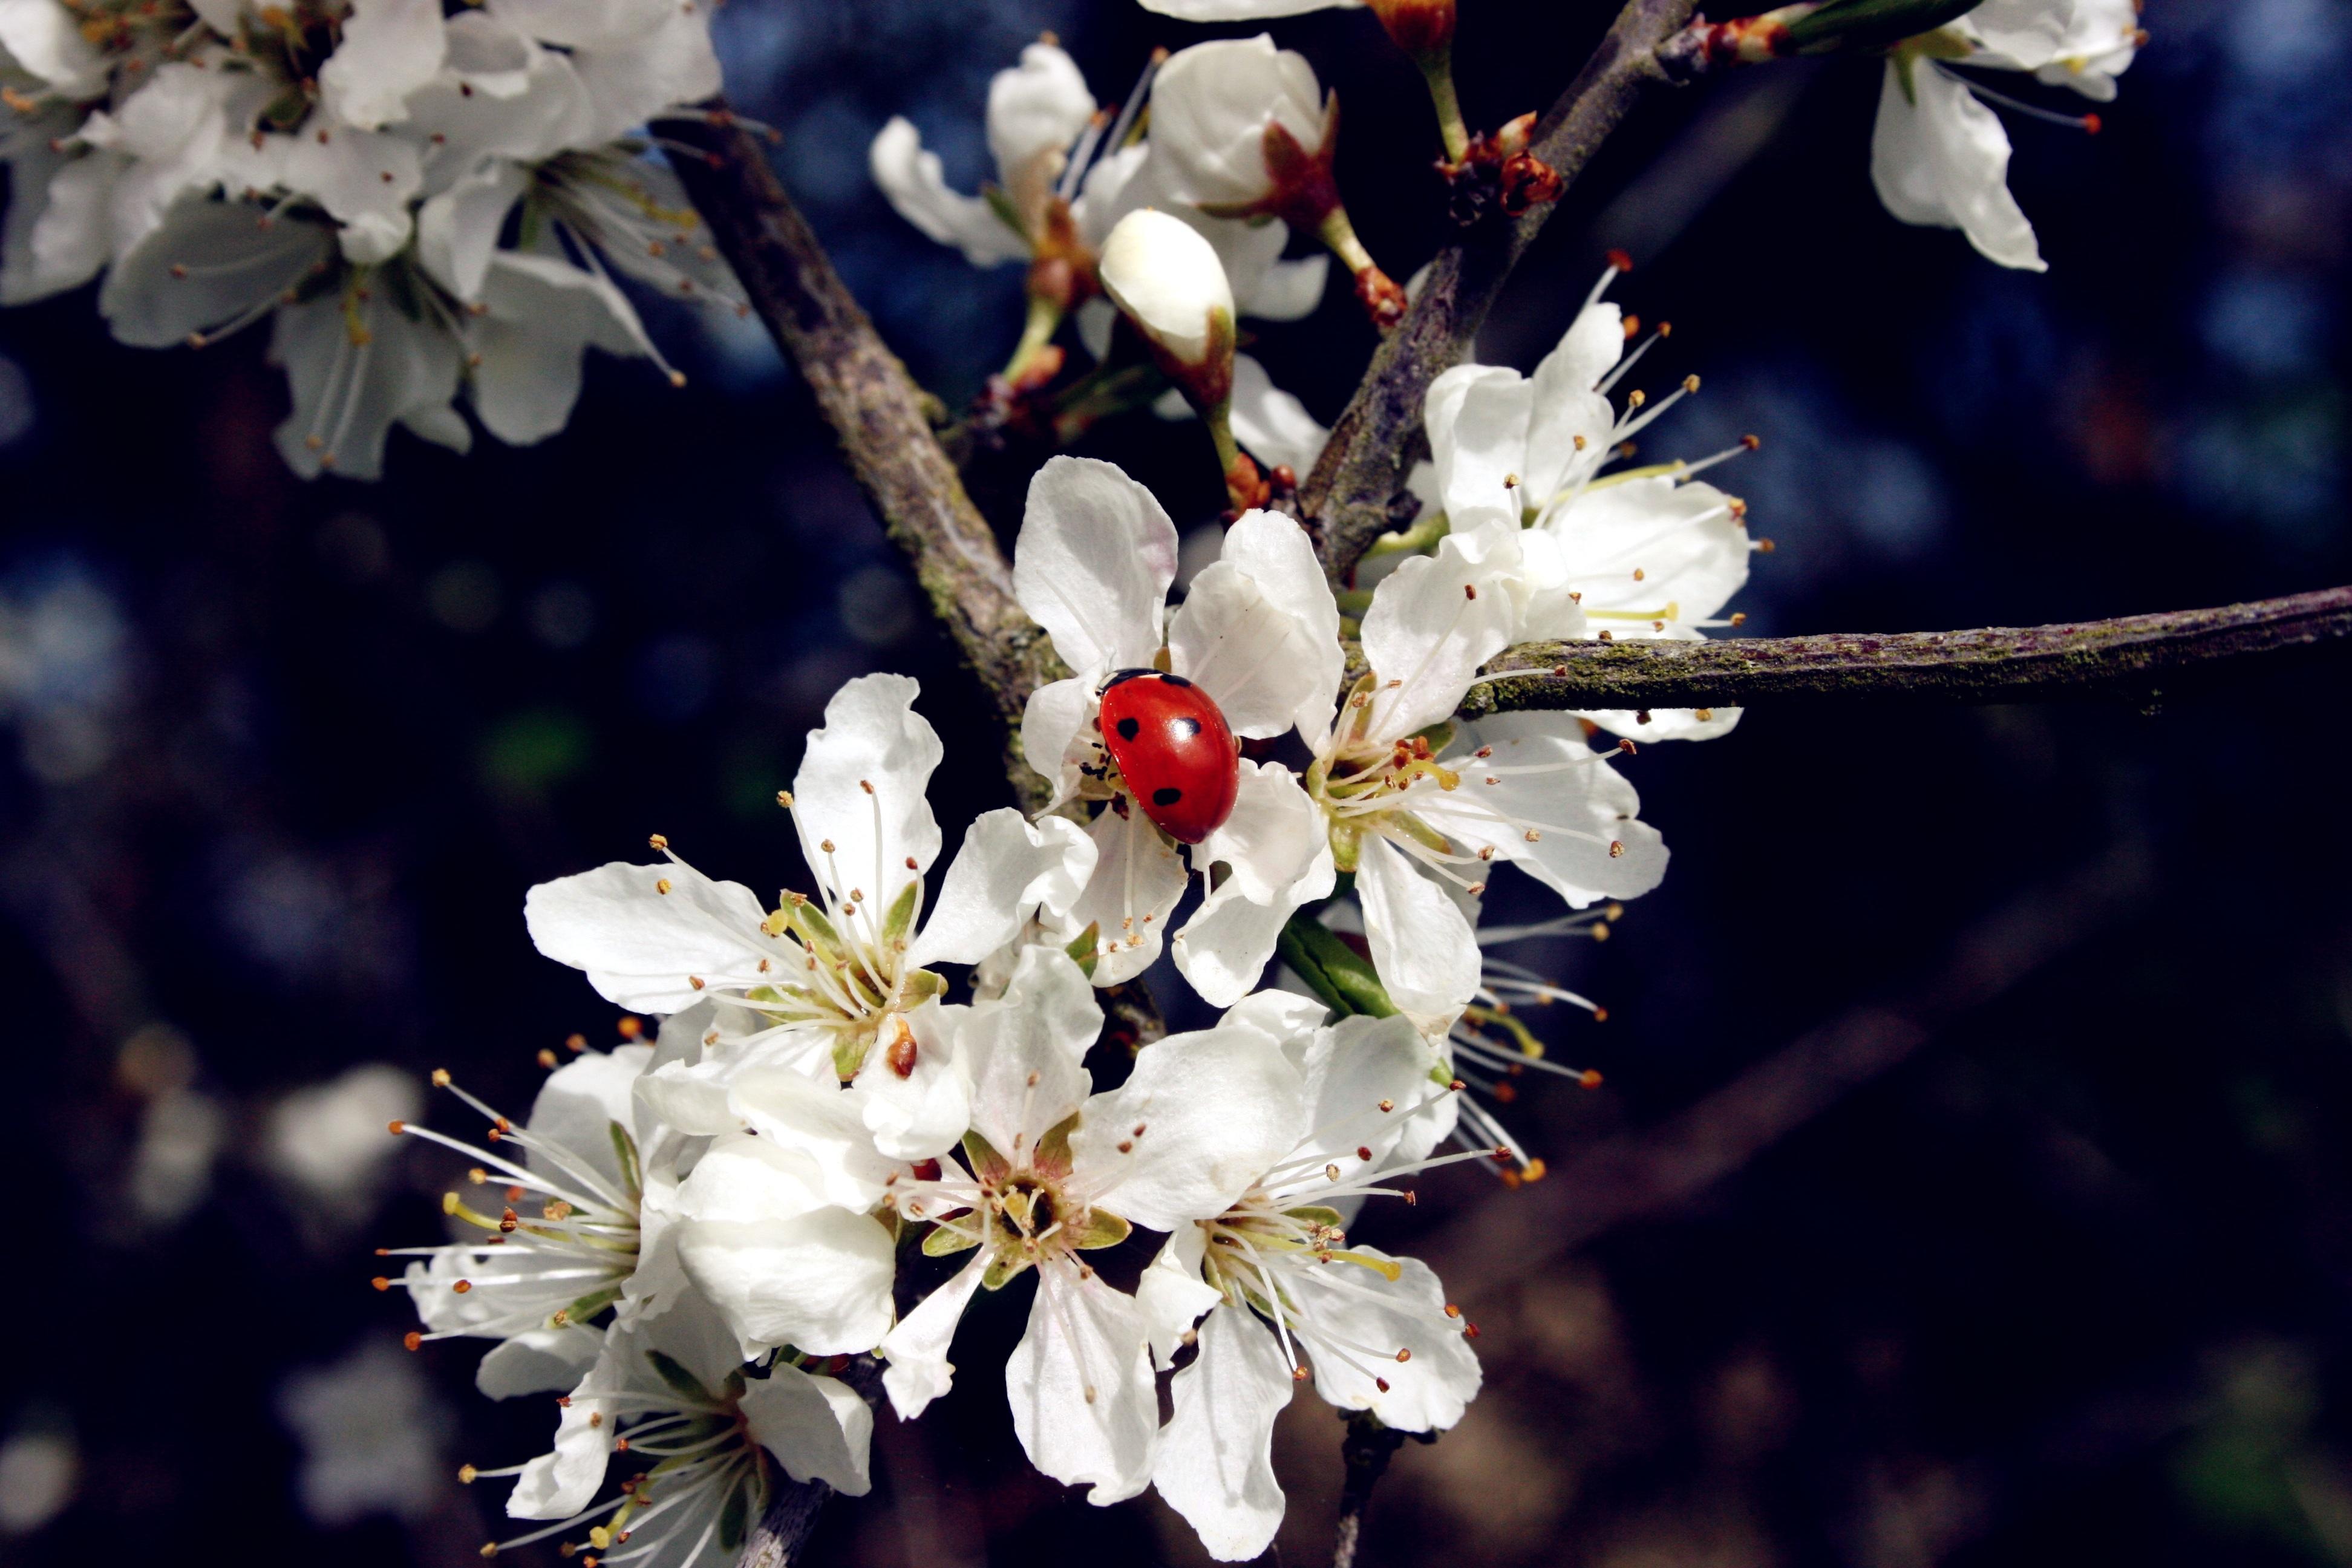 images gratuites : arbre, la nature, branche, fruit, pétale